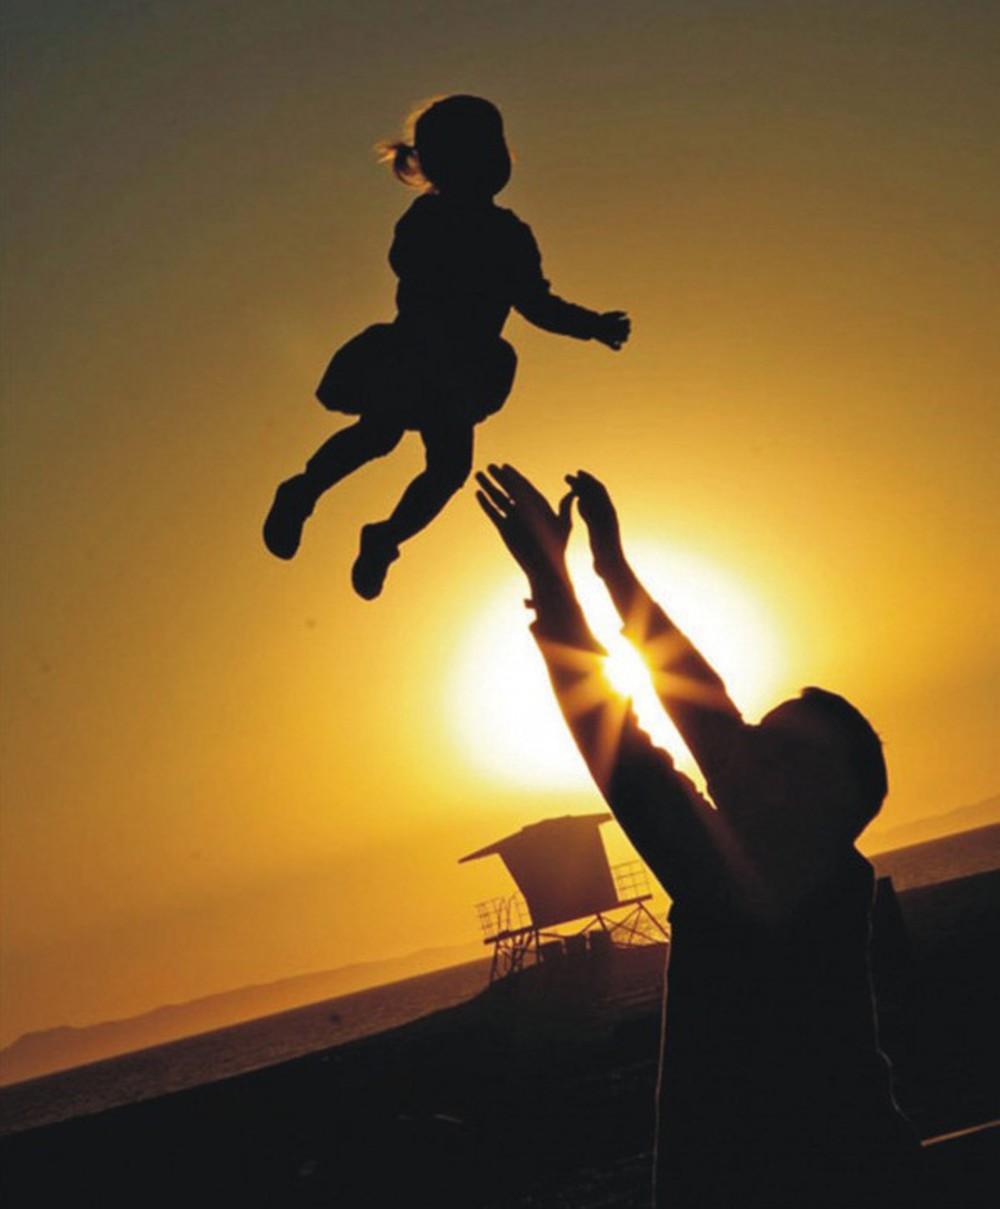 Hình ảnh về người cha đầy ý nghĩa